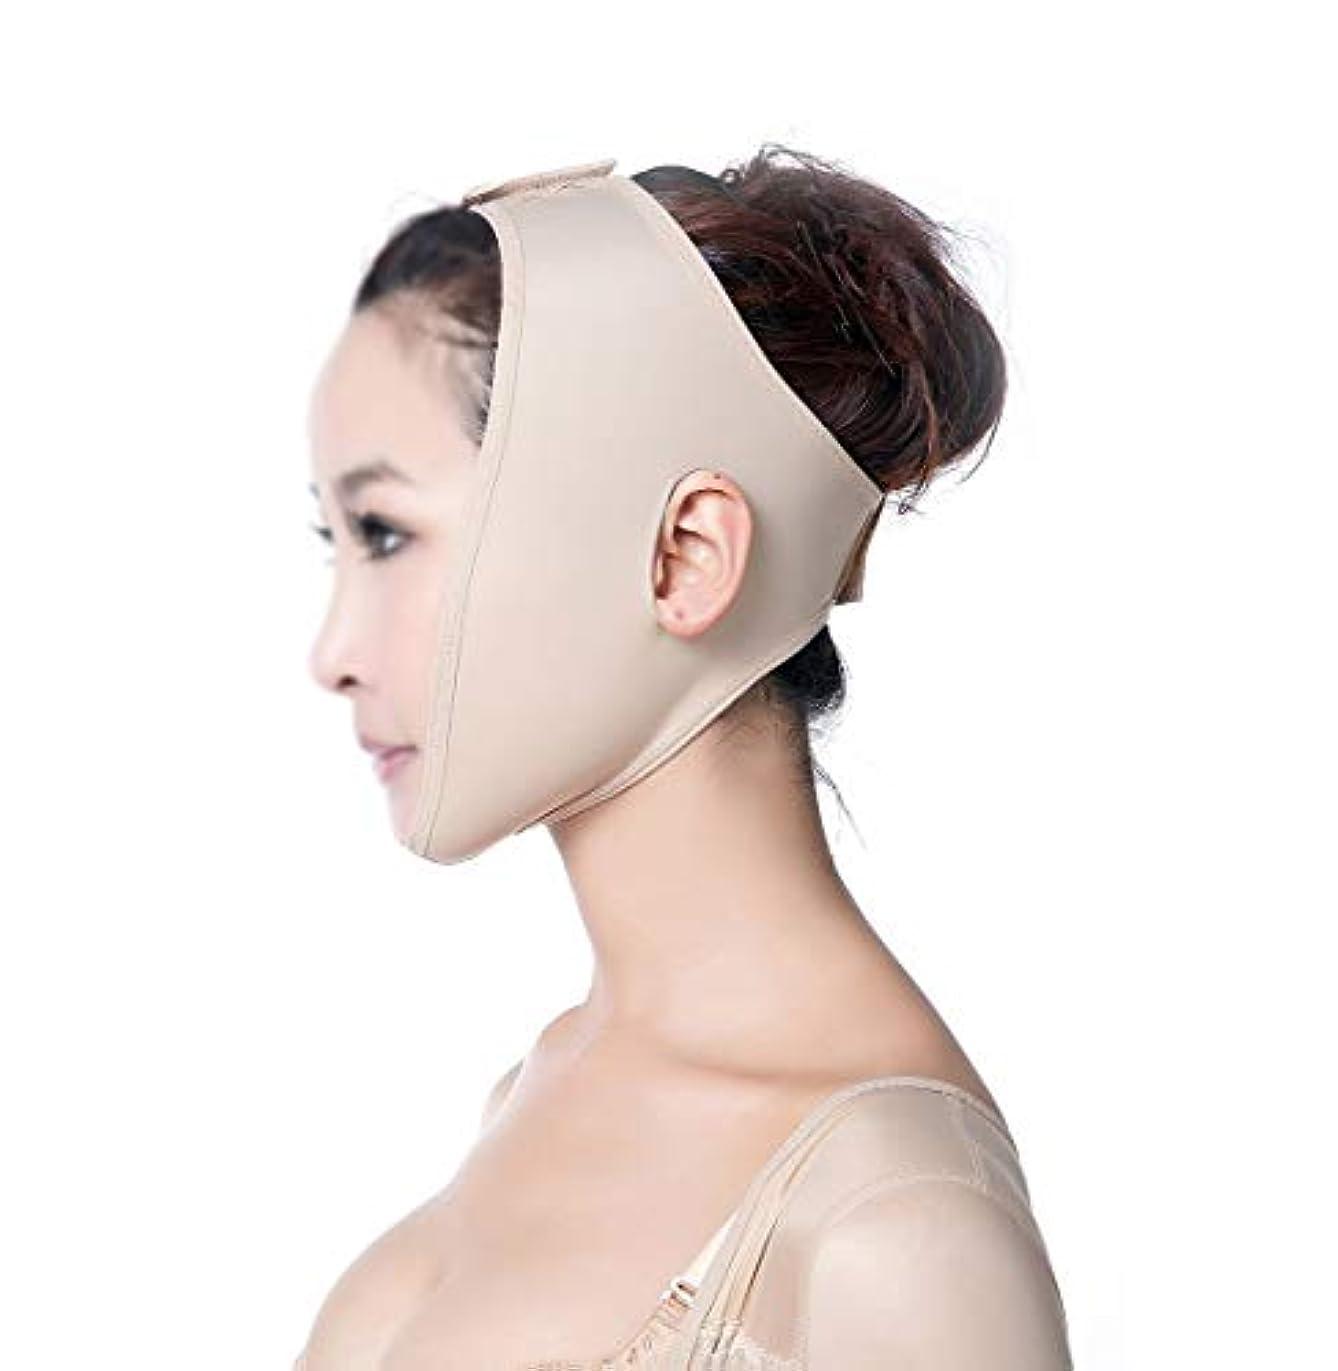 シェルパンチ側面フェイスリフトマスクフェイス&ネックリフトポストエラスティックスリーブ下顎セットフェイスアーティファクトVフェイスフェイシャルフェイスバンドルダブルチンマスク (Size : XS)